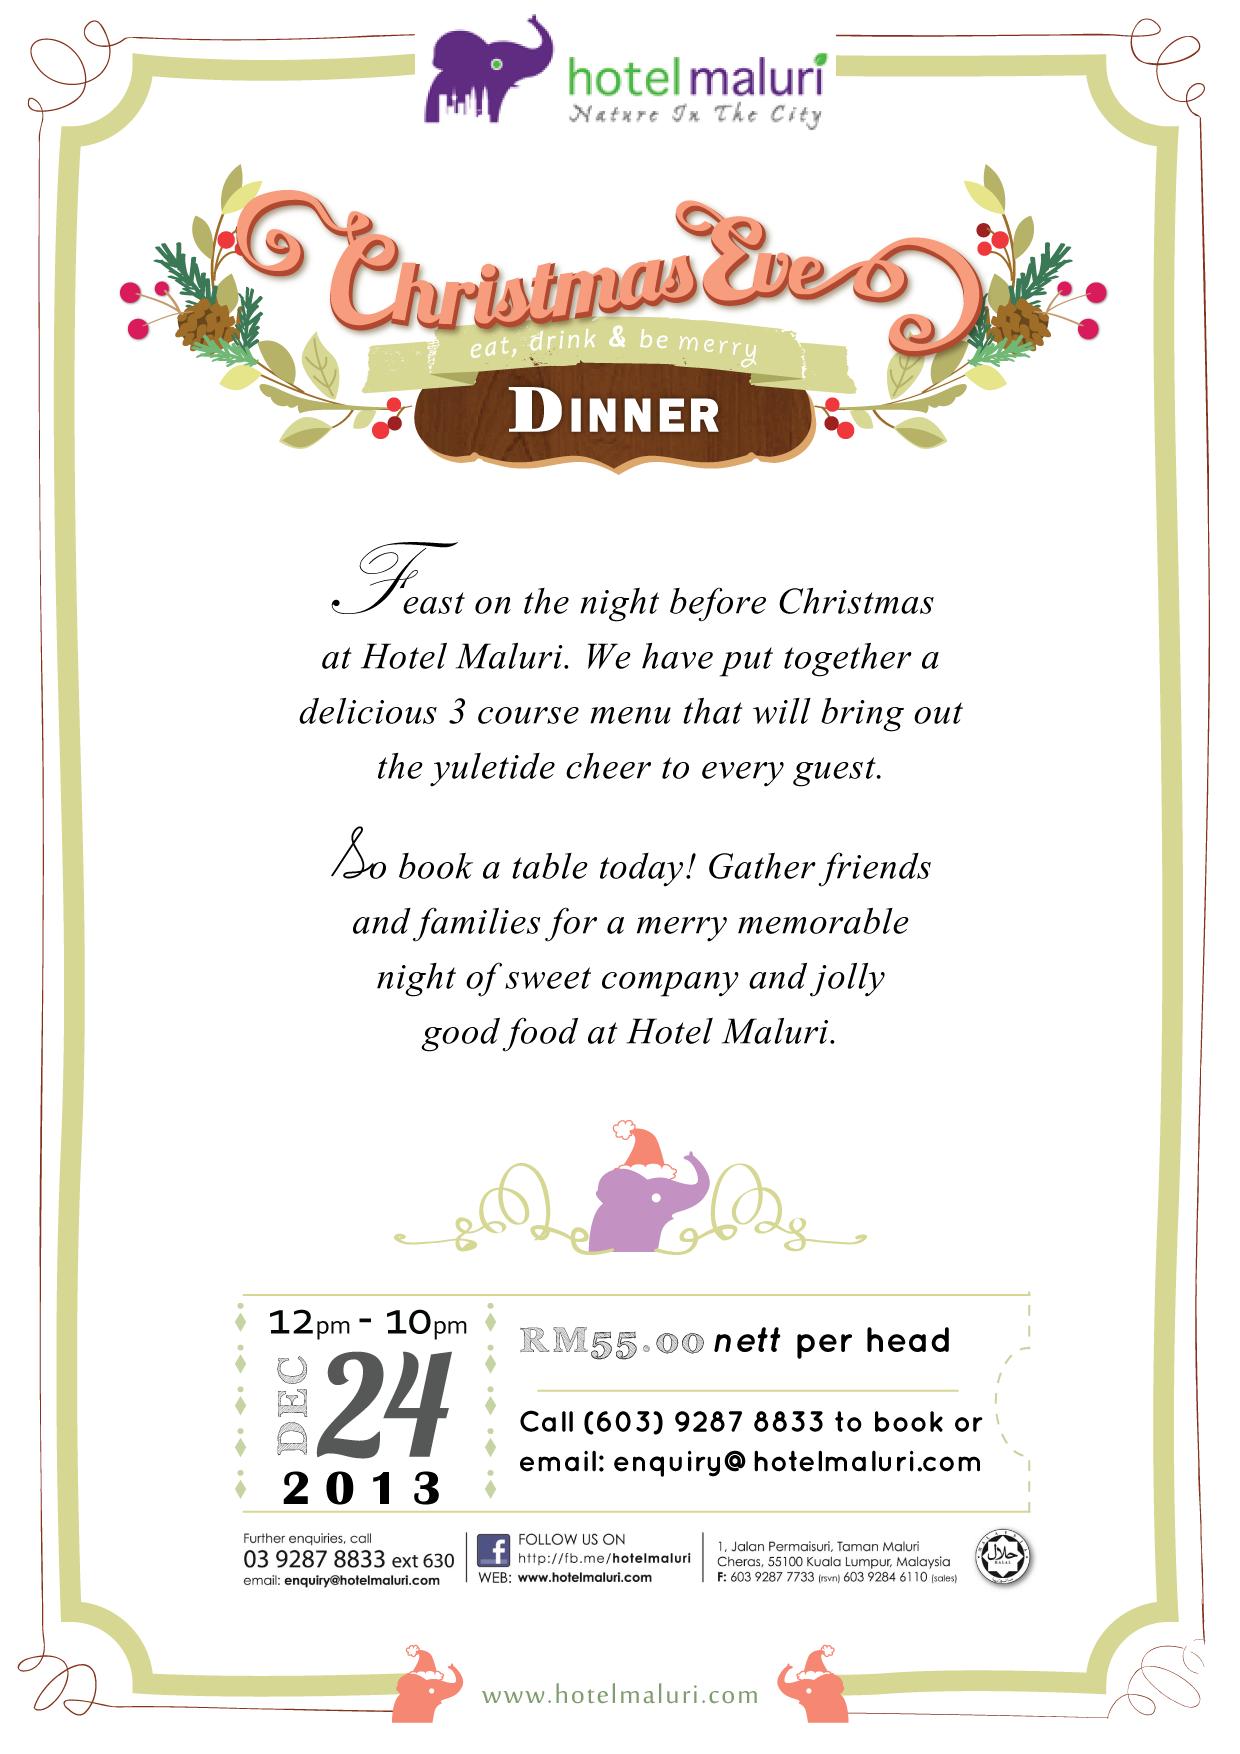 Christmas at Hotel Maluri (2013)